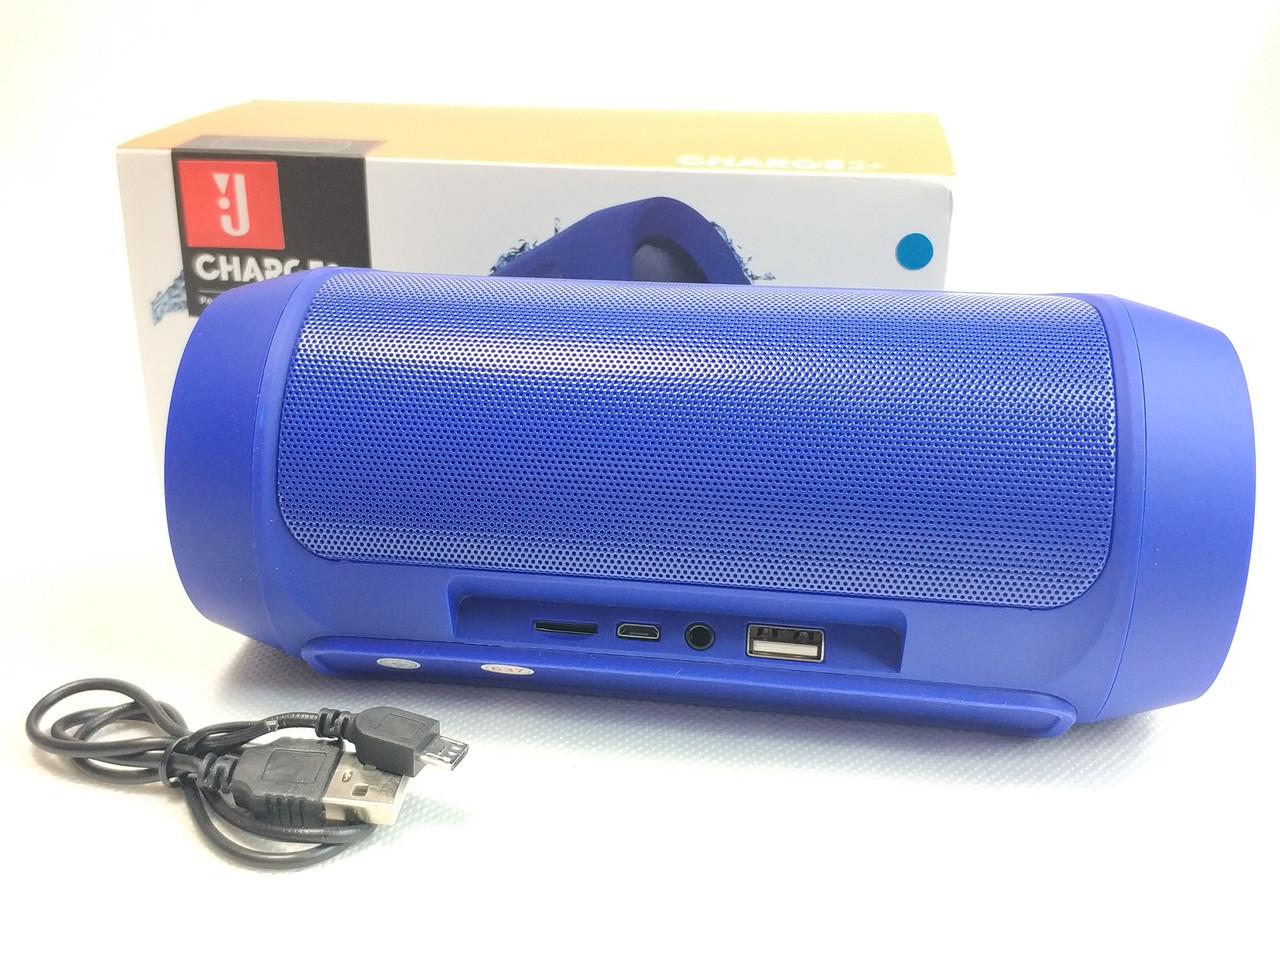 Портативная блютуз колонка акустика bluetooth jbl для телефона мини с флешкой charge 2+ вид сзади